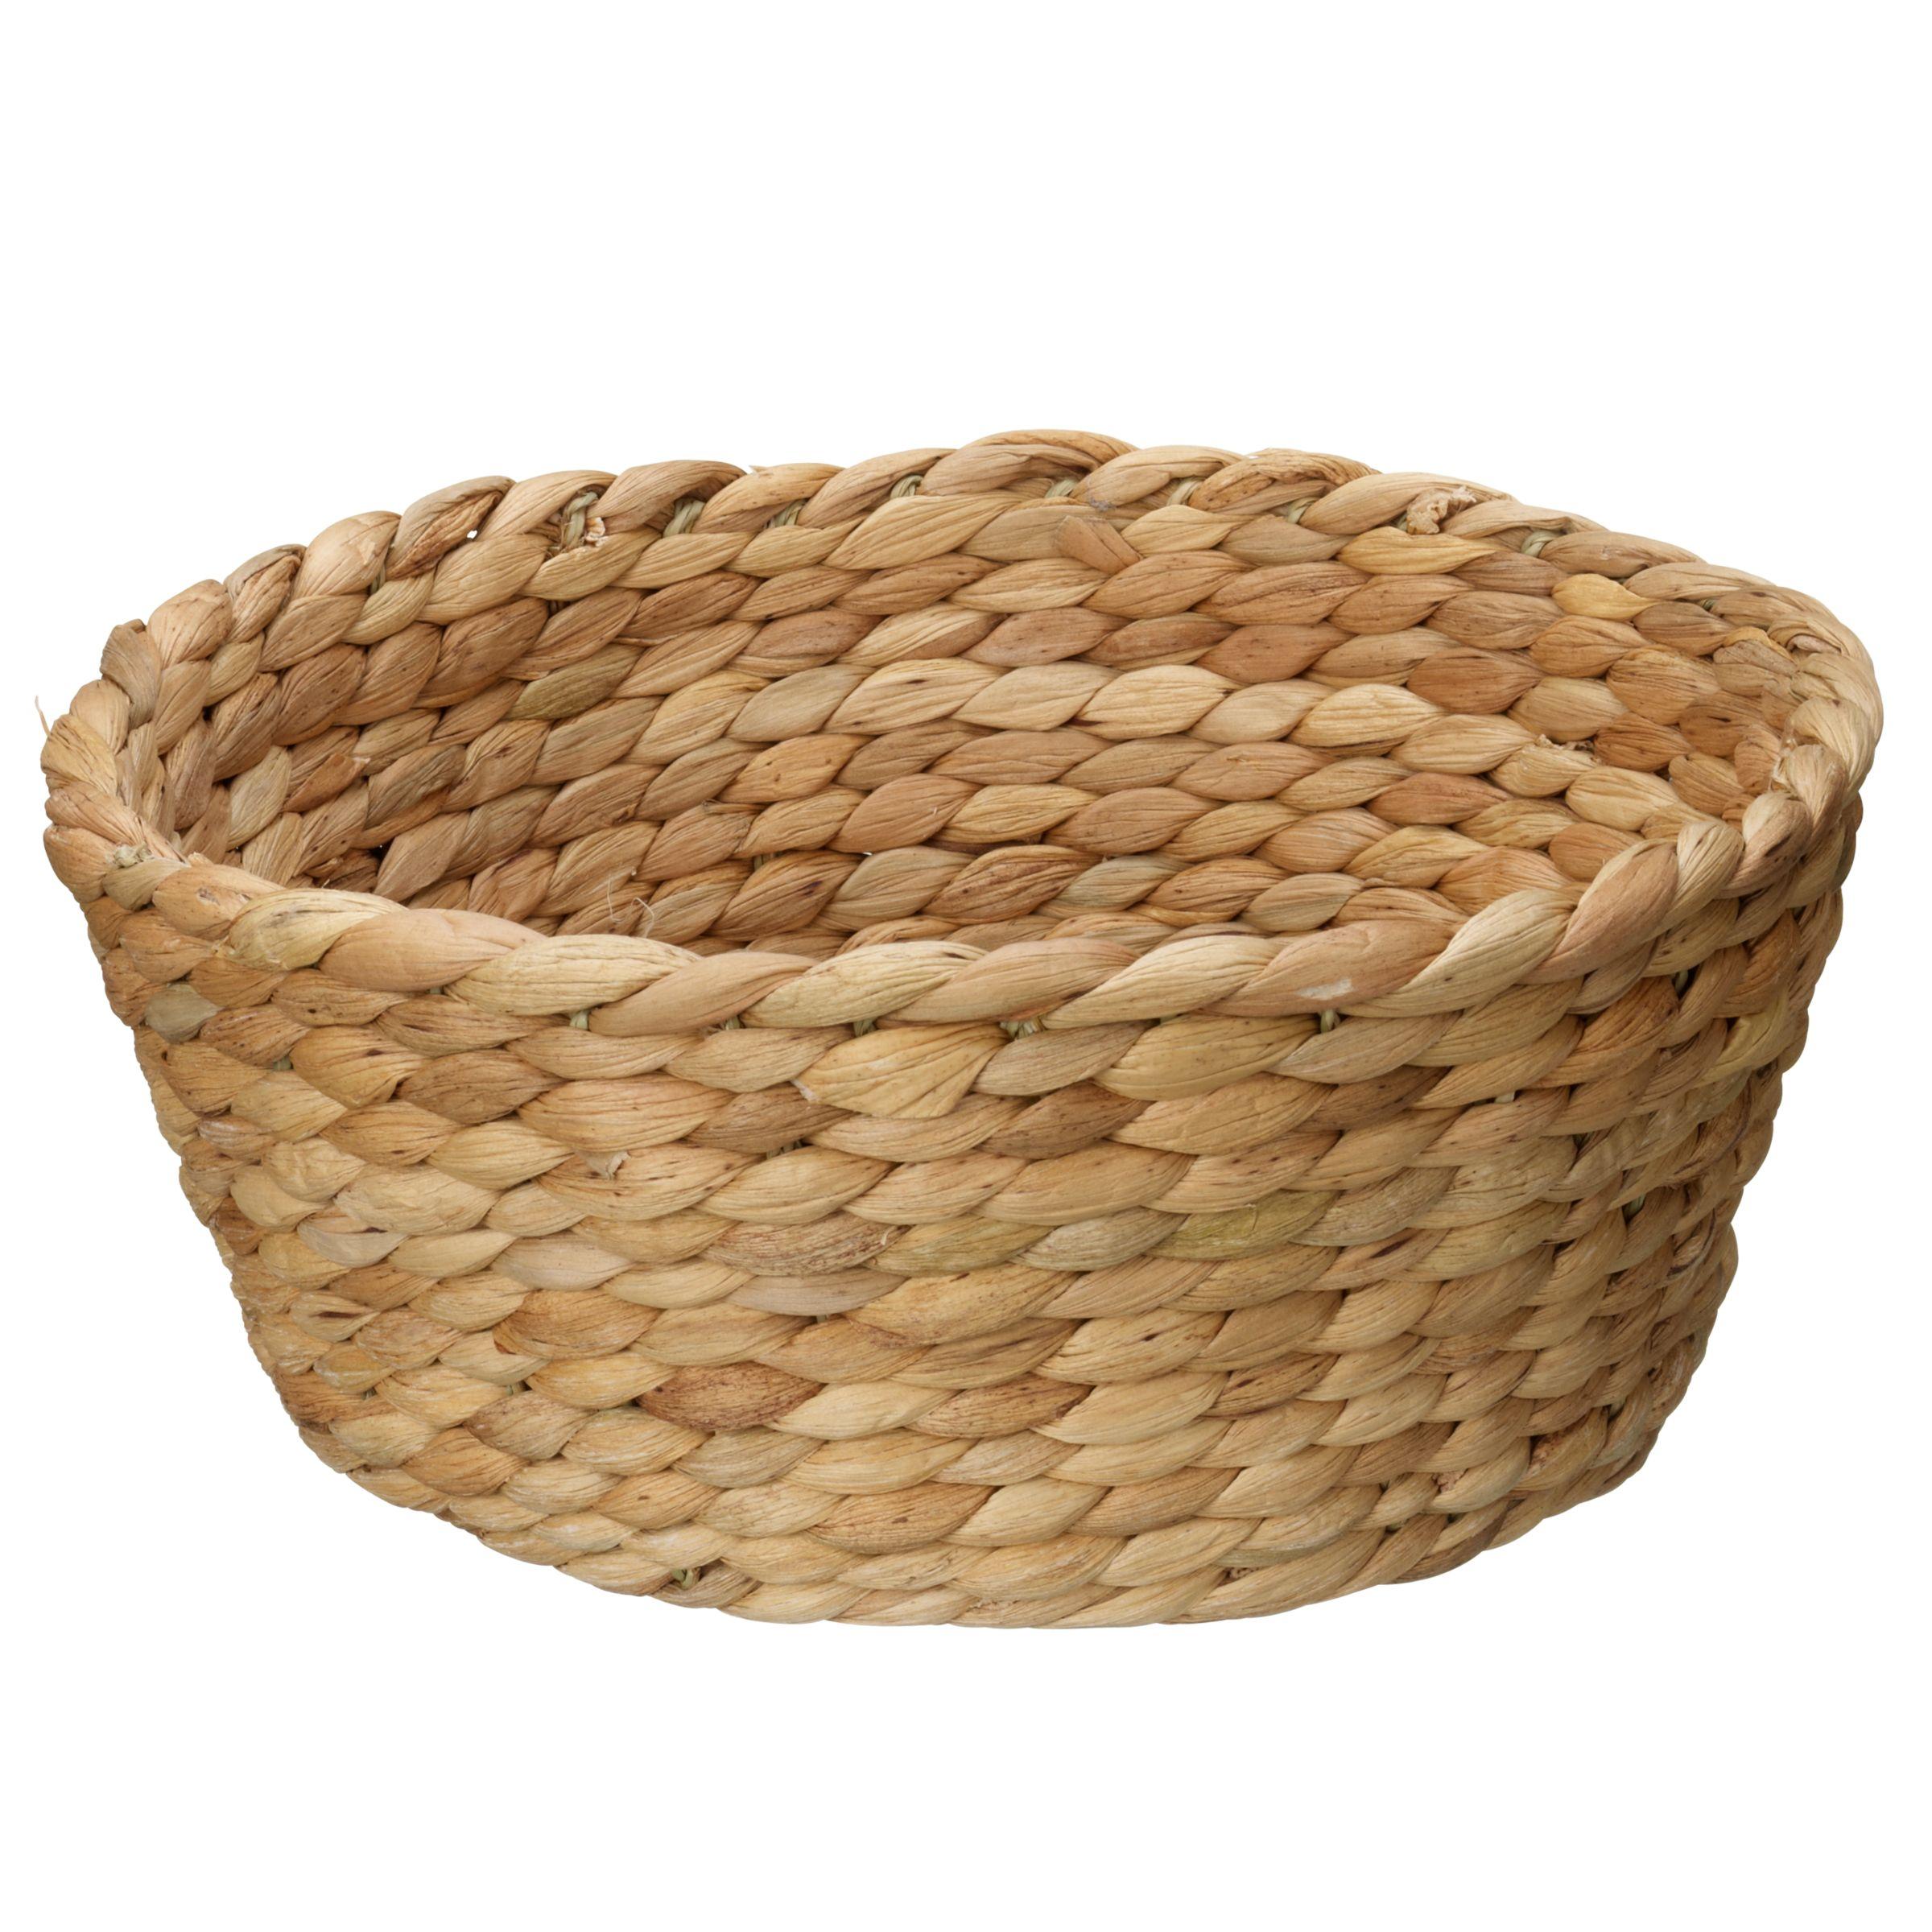 John Lewis Water Hyacinth Bread Basket